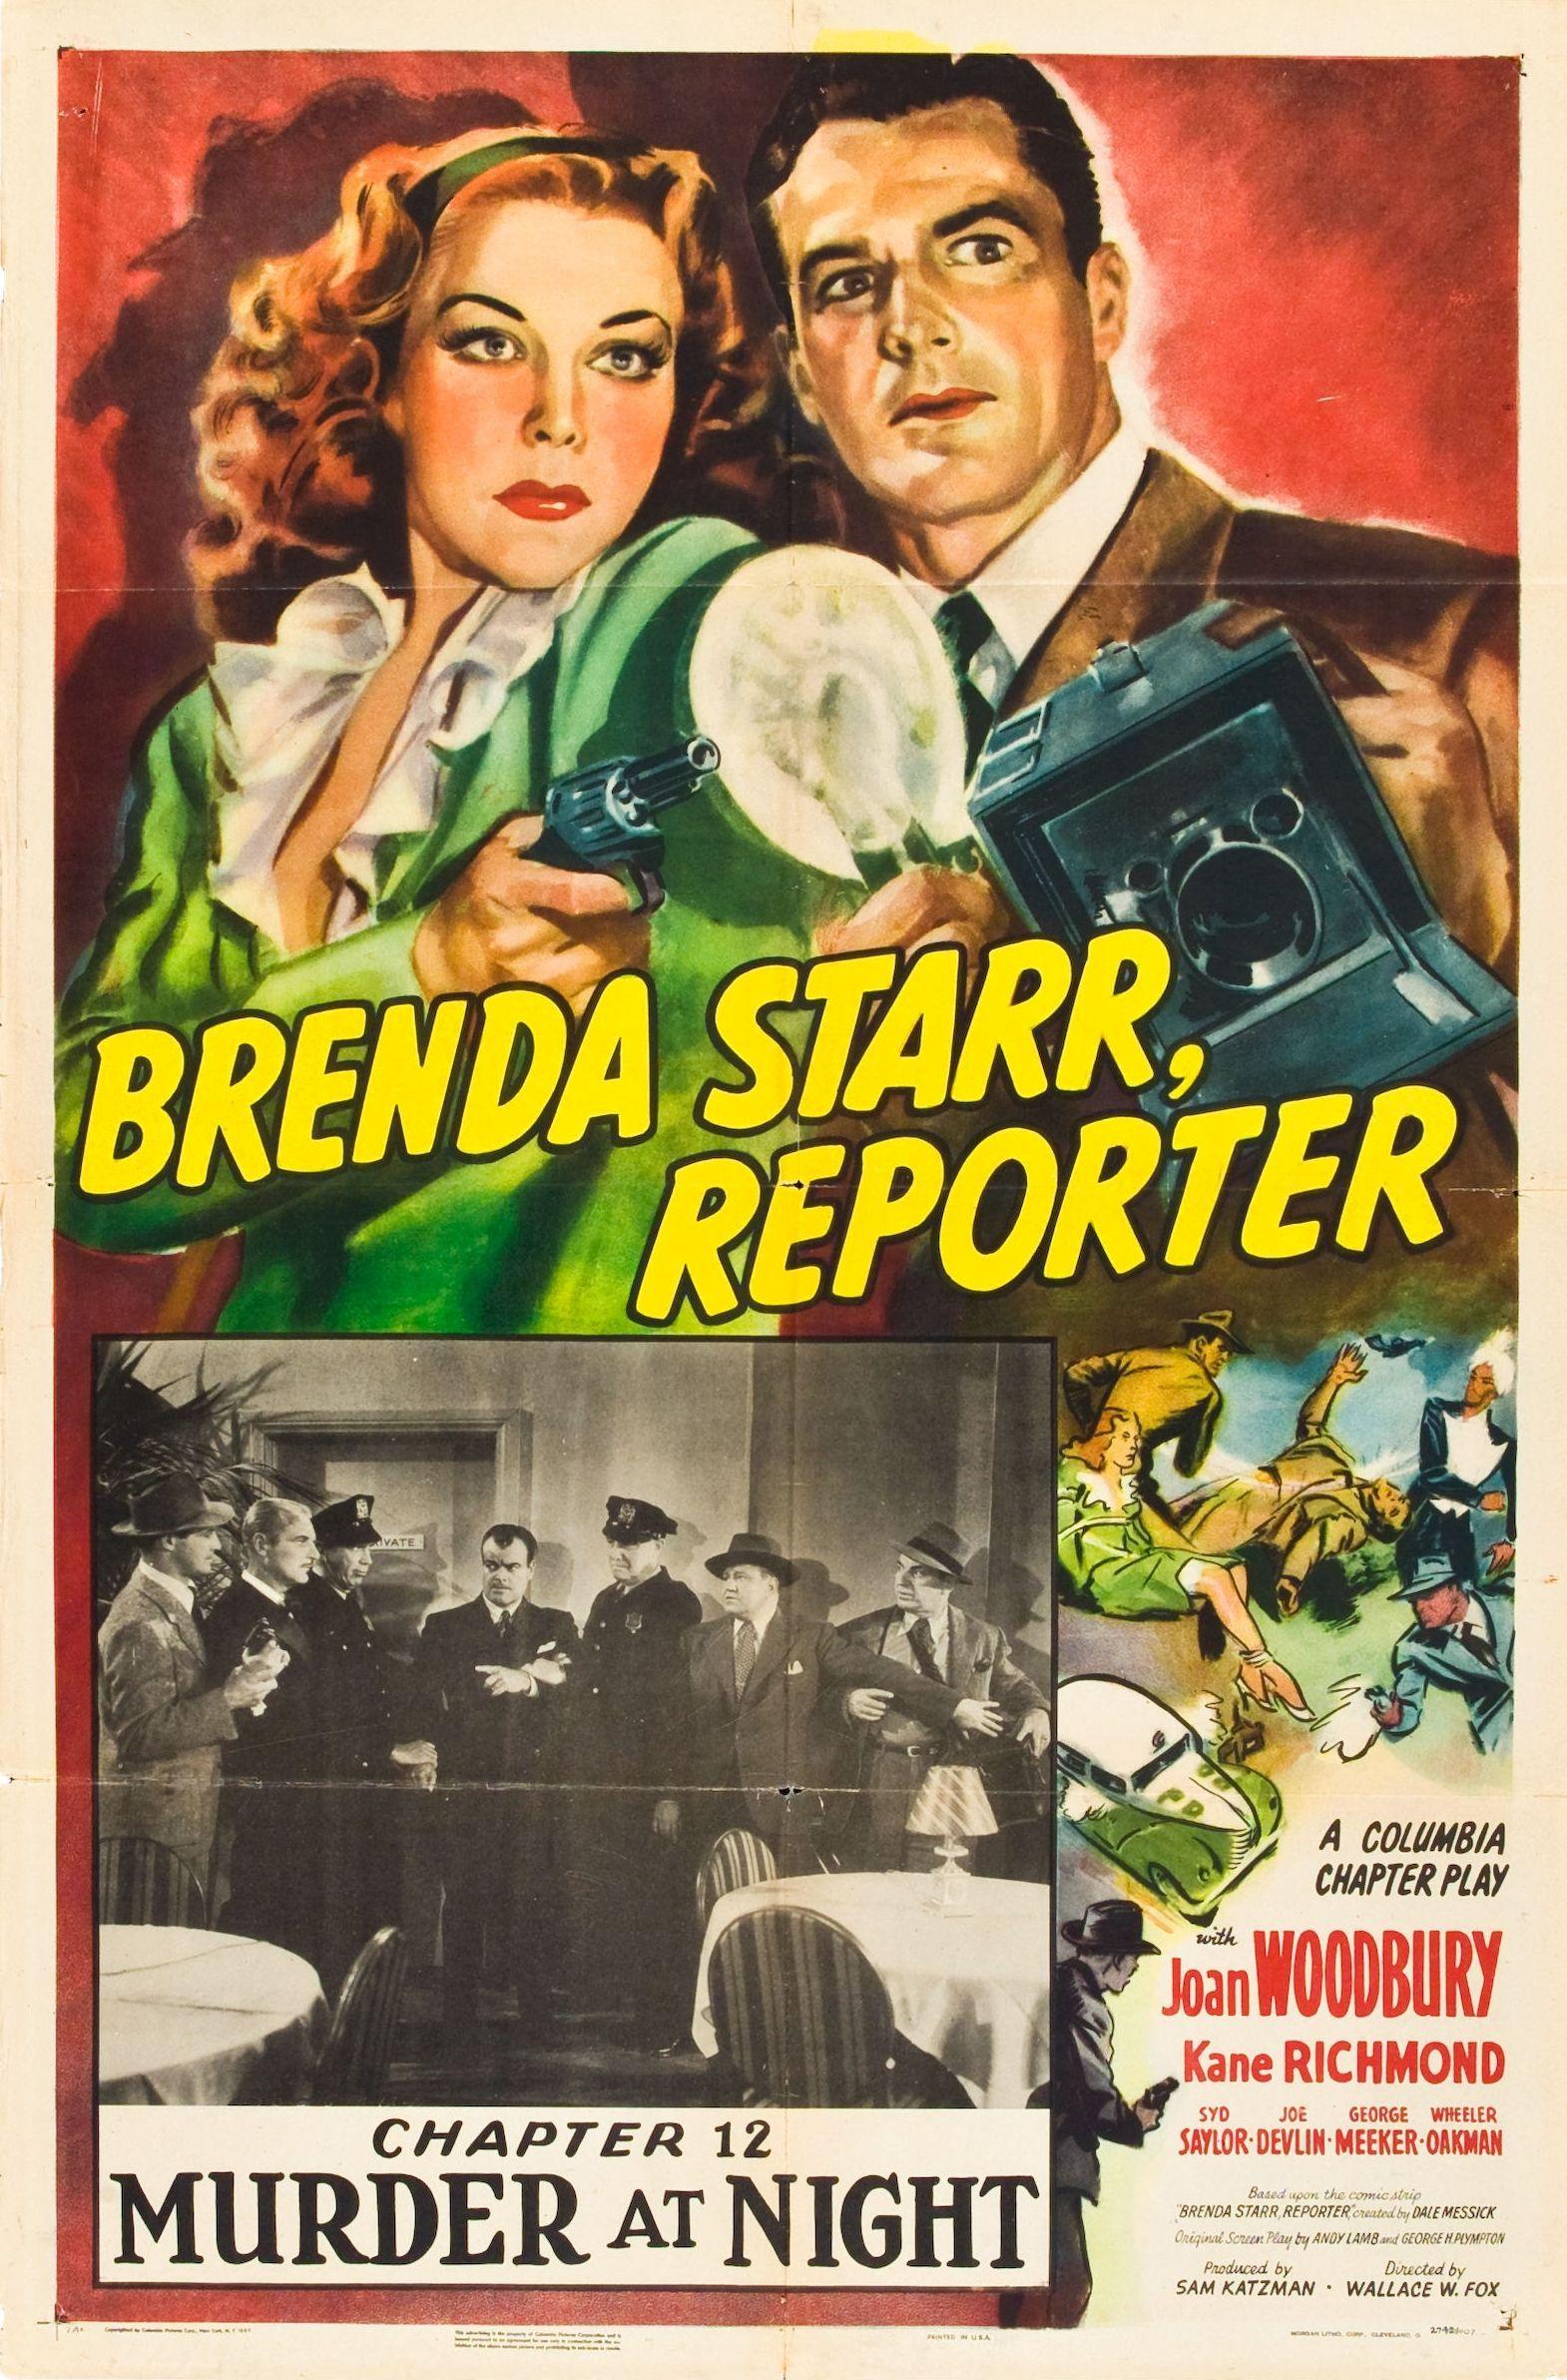 Brenda Starr, Reporter (1945) - IMDb